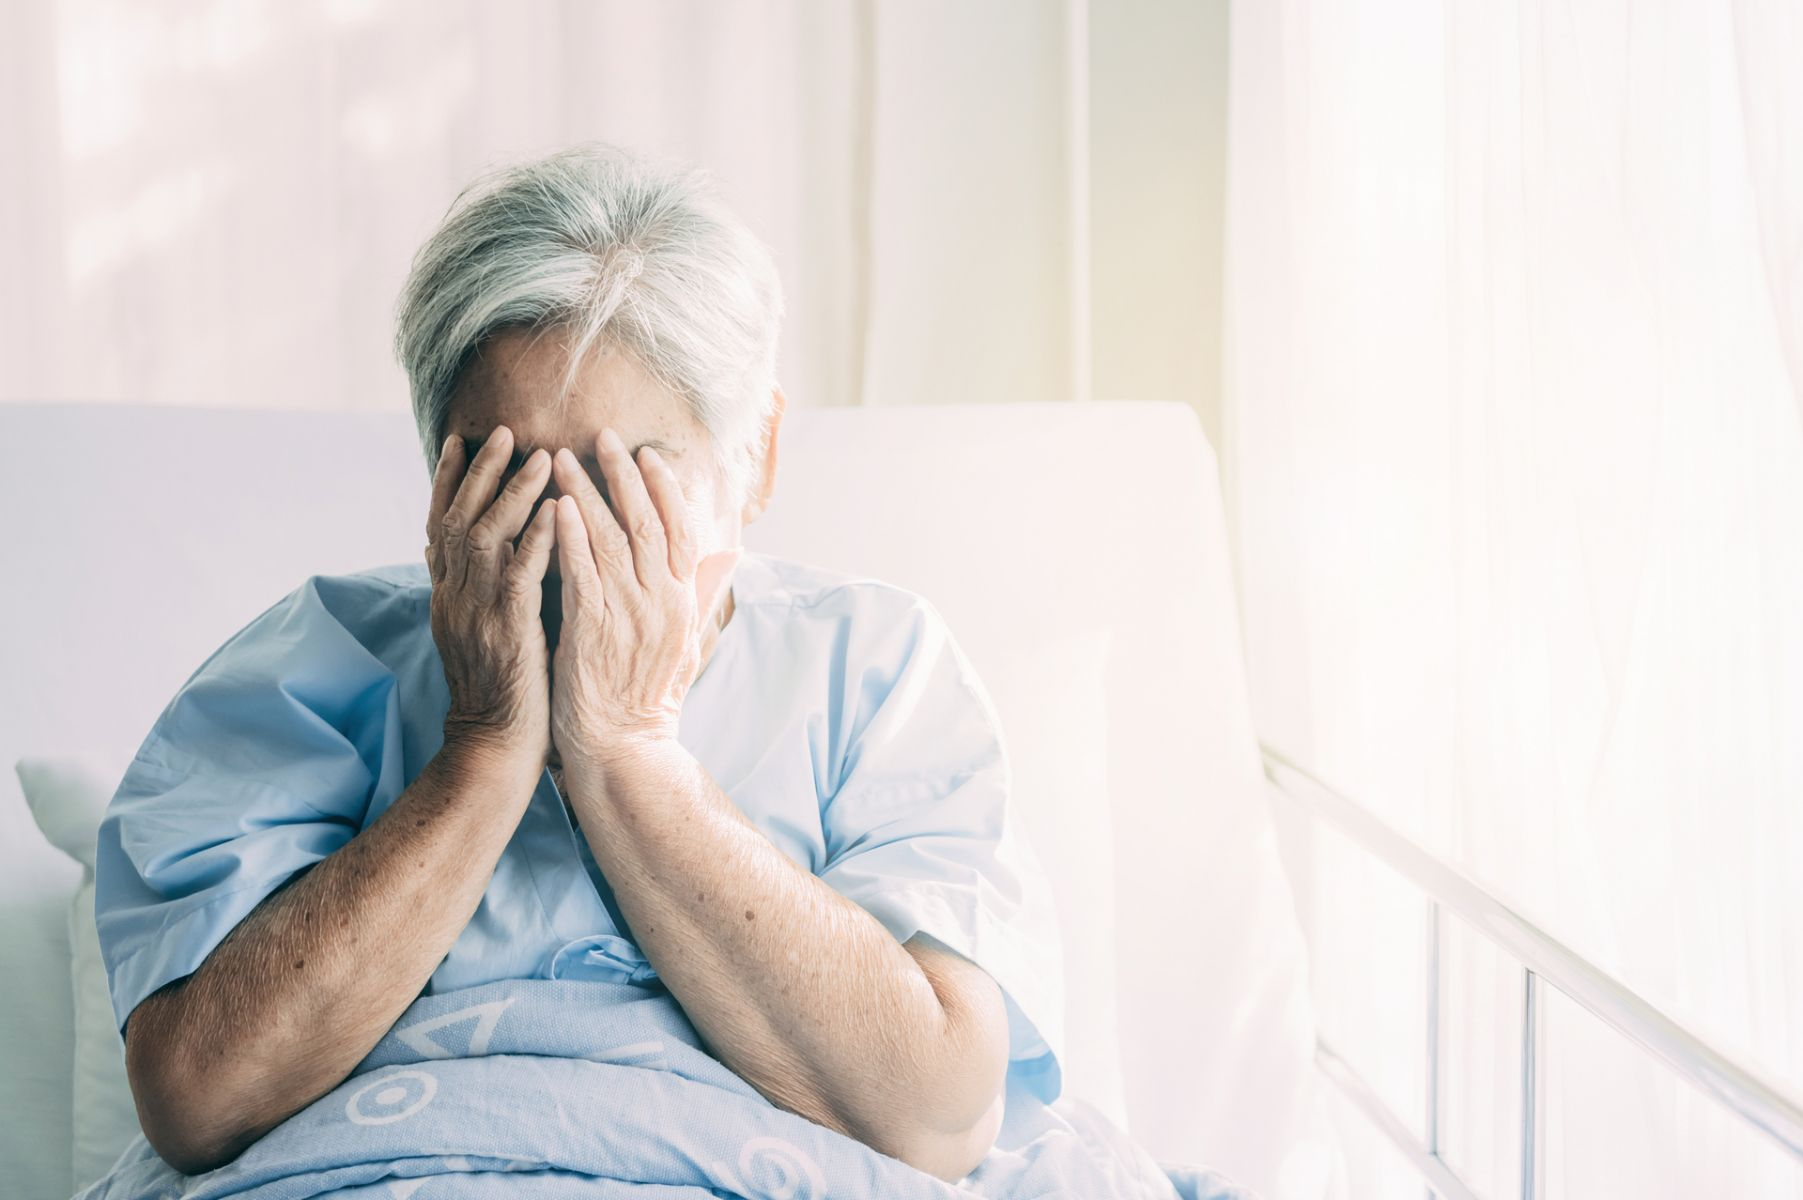 老年憂鬱症漸增 關心長輩及早就醫診治